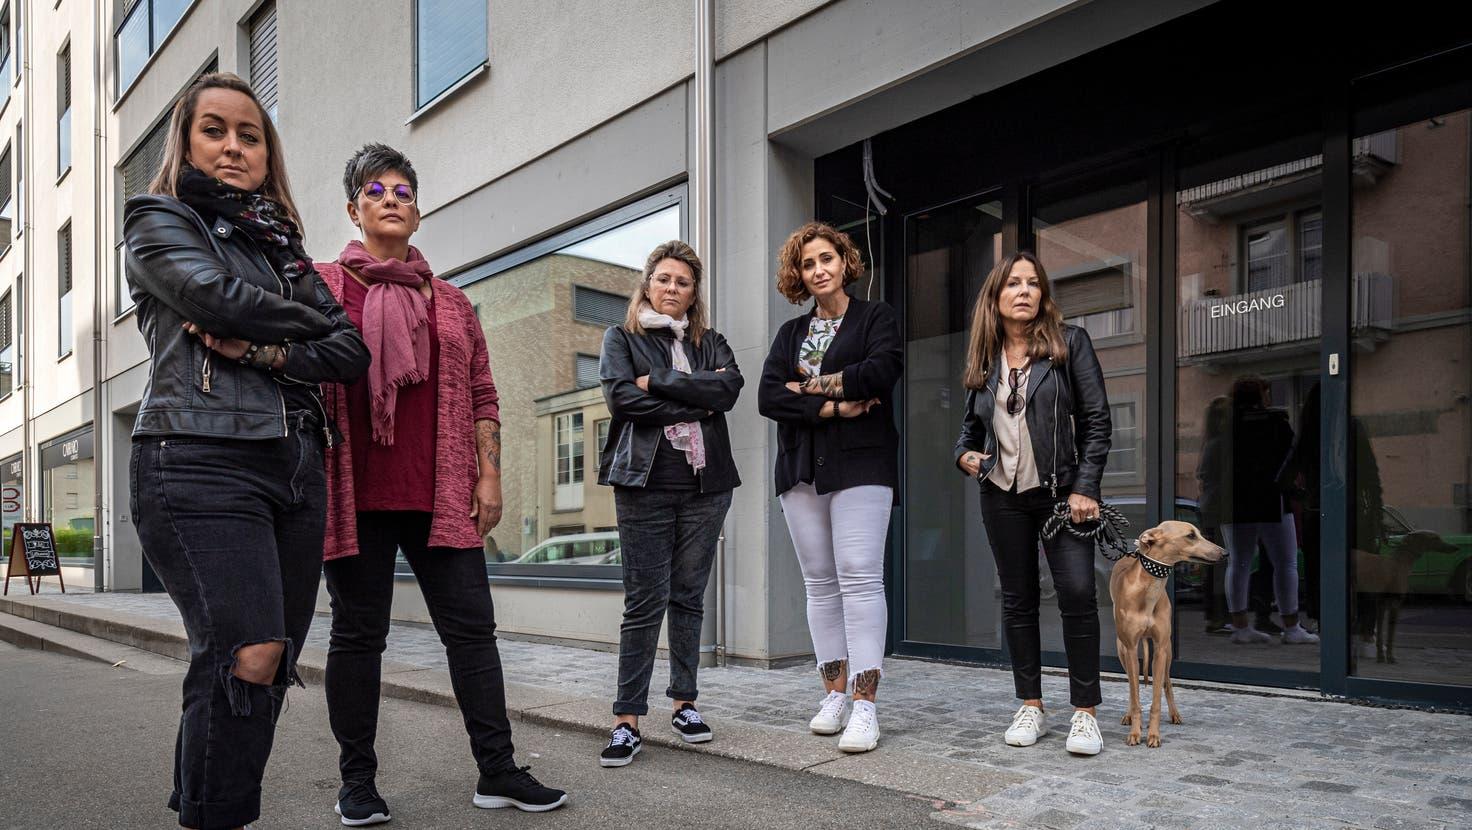 Fünf Kundinnen stehen vor dem ehemaligen Fitnesscenter Hotshape an der Ulmenstrasse 6 in St. Gallen, dessen Betreiber über 40 Frauen um Geld betrogen hat. Darunter Daniela Giezendanner (zweite von links) und Christine van der Velden (rechts). (Bild: Reto Martin (22. September 2021))